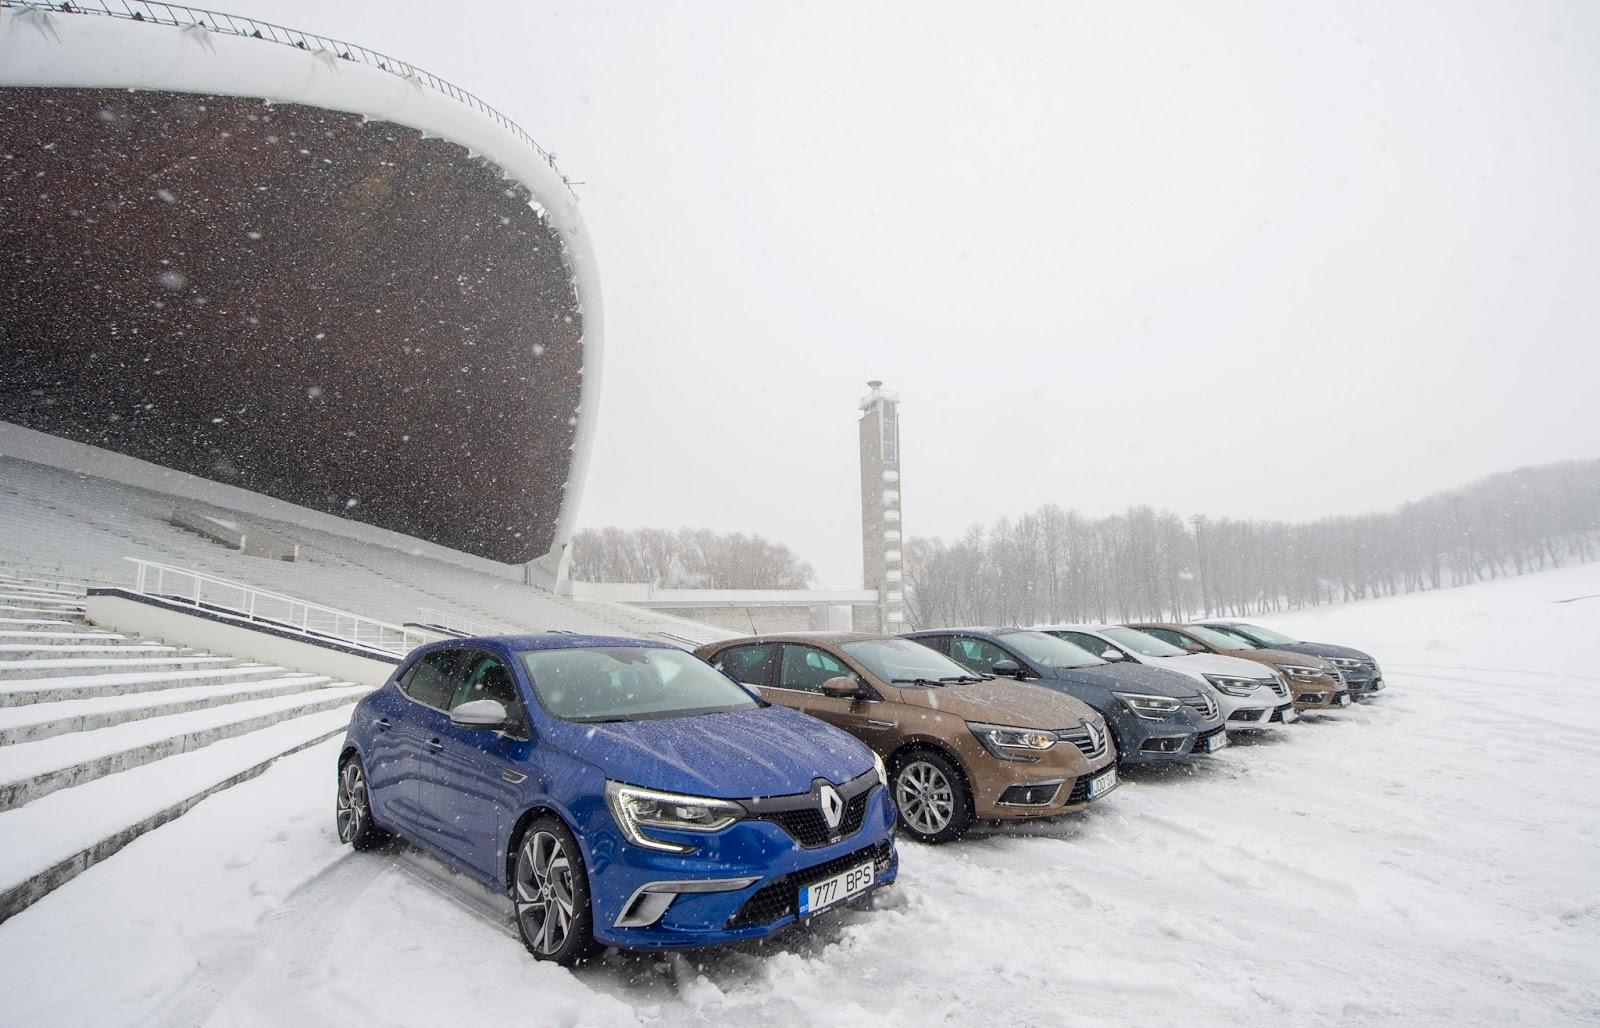 8706012d87c Ja nüüd siis autost. Megane'i neljas põlvkond näeb välja ilus, uus,  sportlik. Sõiduautode puhul ostetakse tihti välimust ja seetõttu võib uuele  Renault'le ...